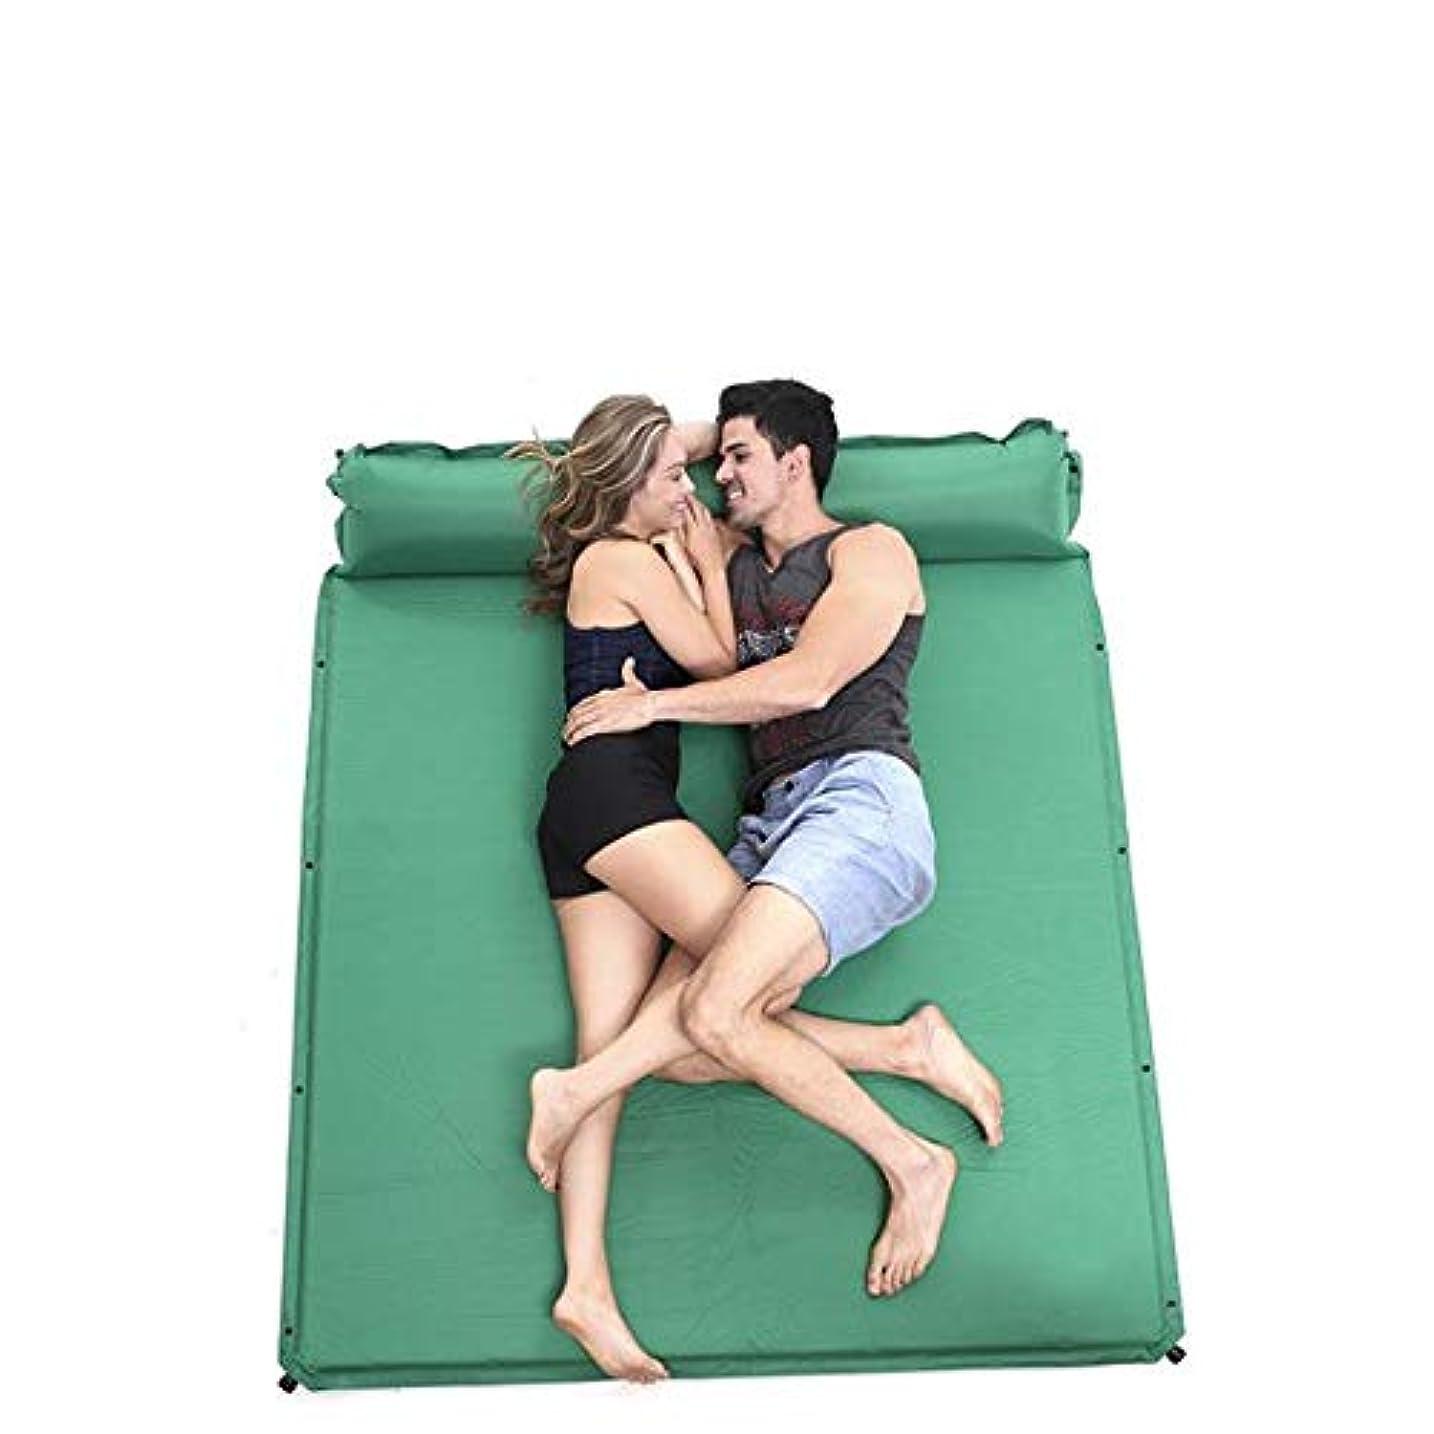 合成ウィザード読みやすさ付属の枕付き防水軽量2?3人用インフレータブル屋外エアマットレスラージコンパクトダブル自己膨張キャンプフォームスリーピングパッド (色 : 緑, サイズ : 74.8*64.9*1.38inches)